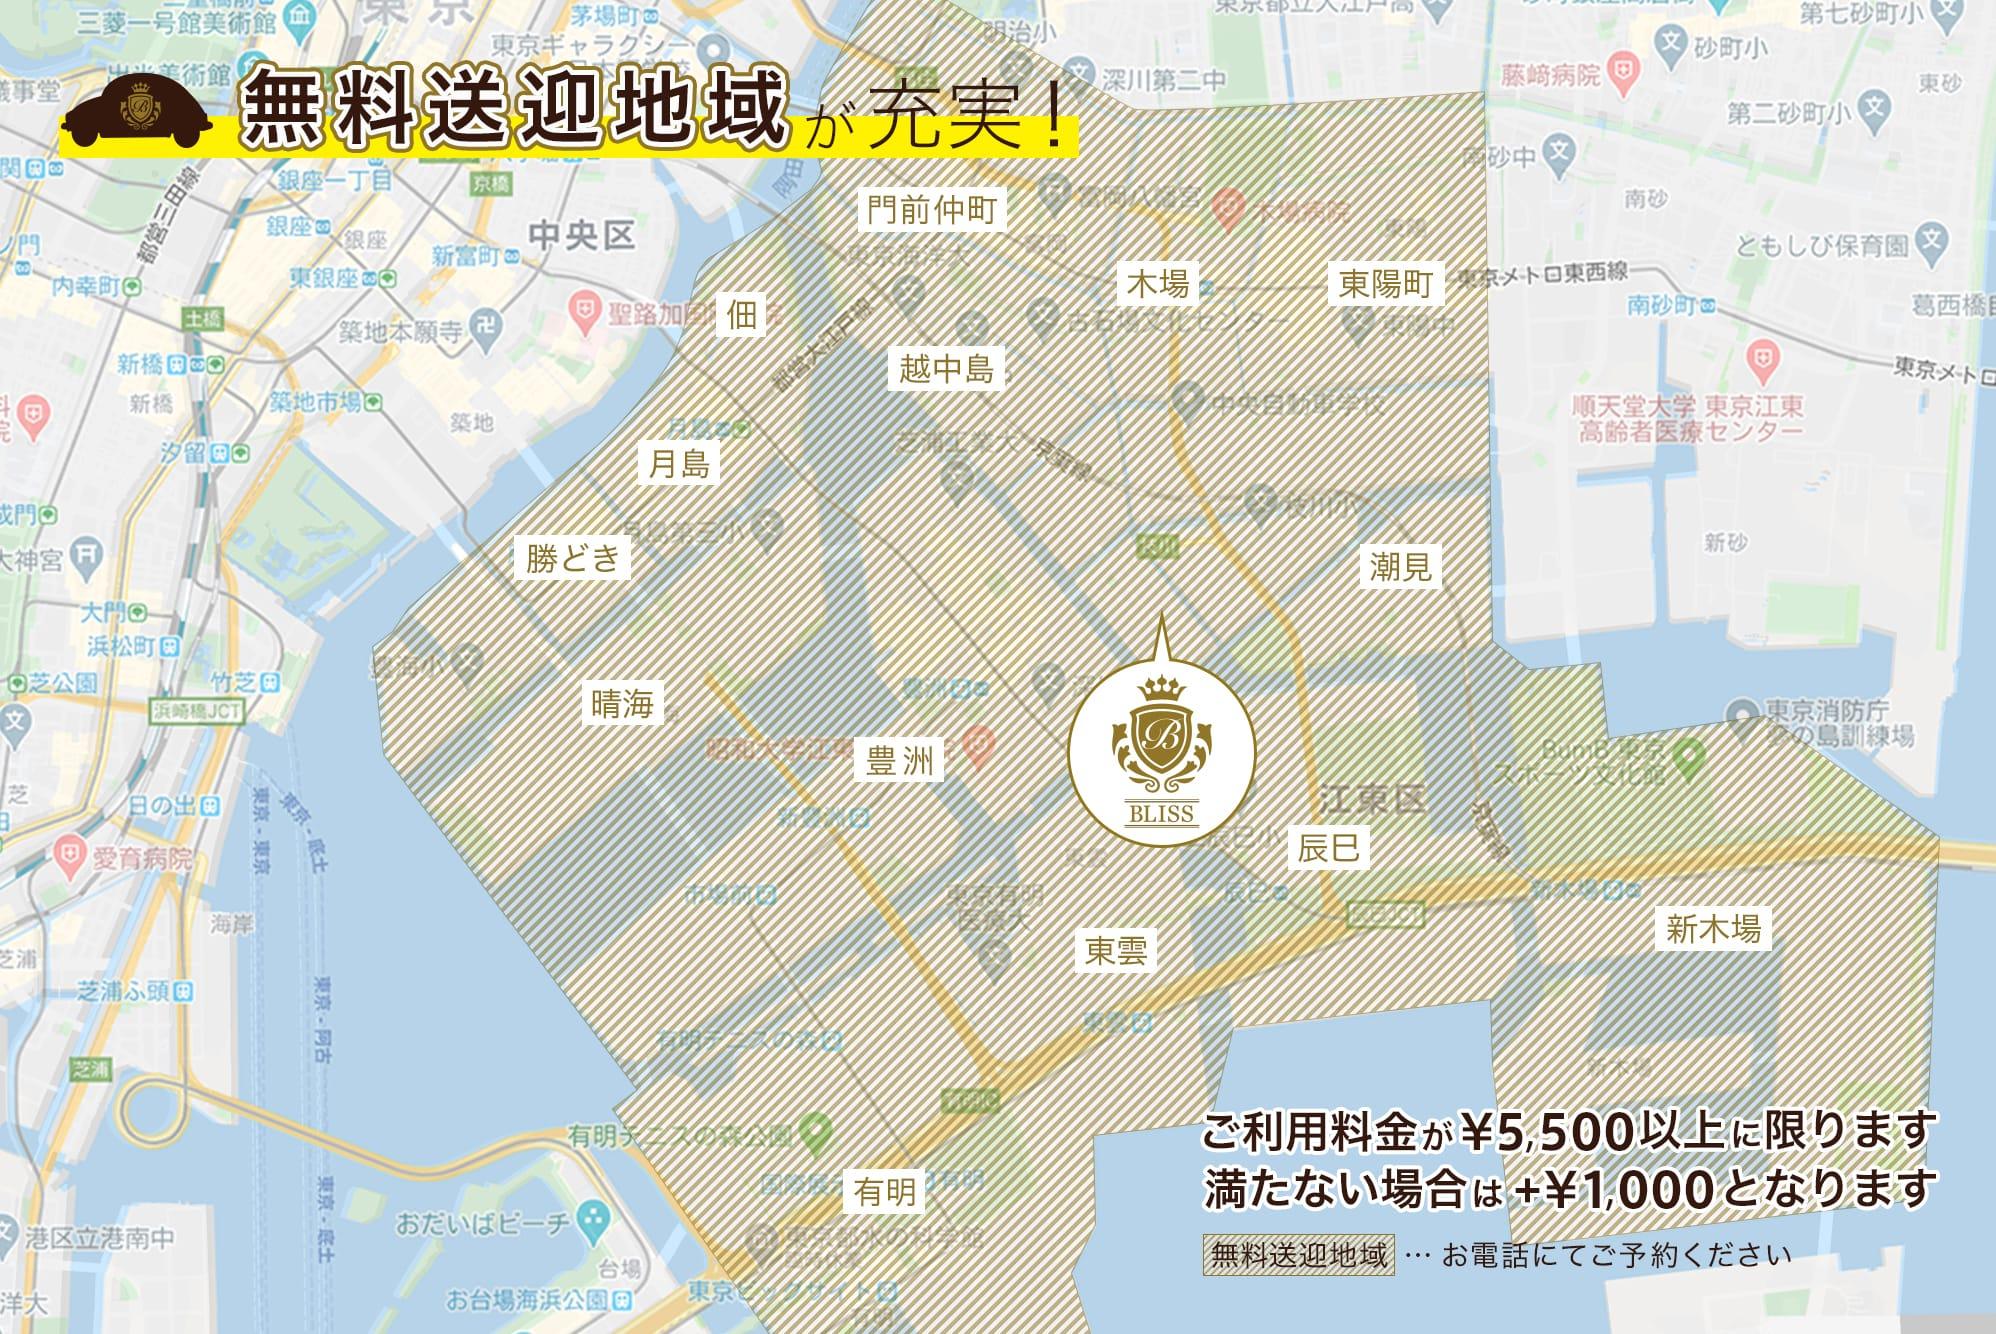 無料送迎地域【豊洲エリア】